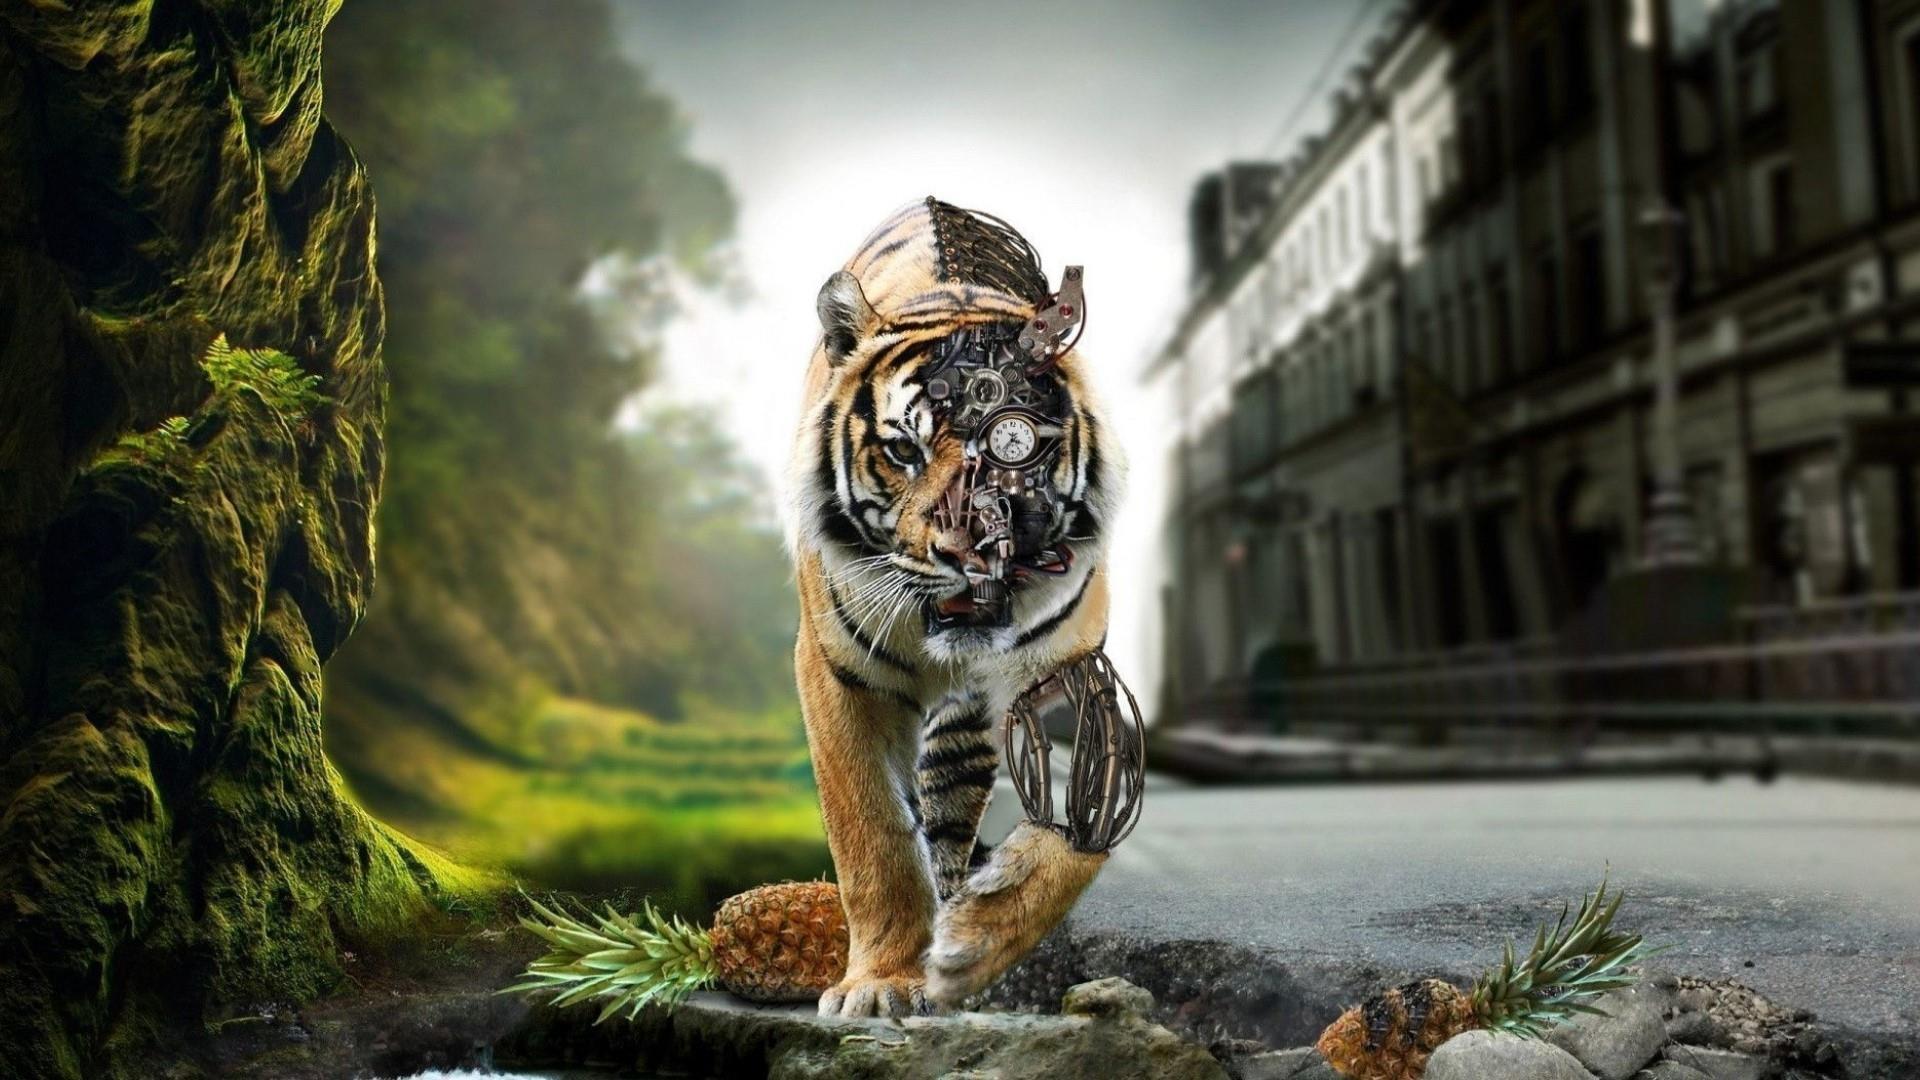 Cyborg Tiger - Concept Art wallpaper